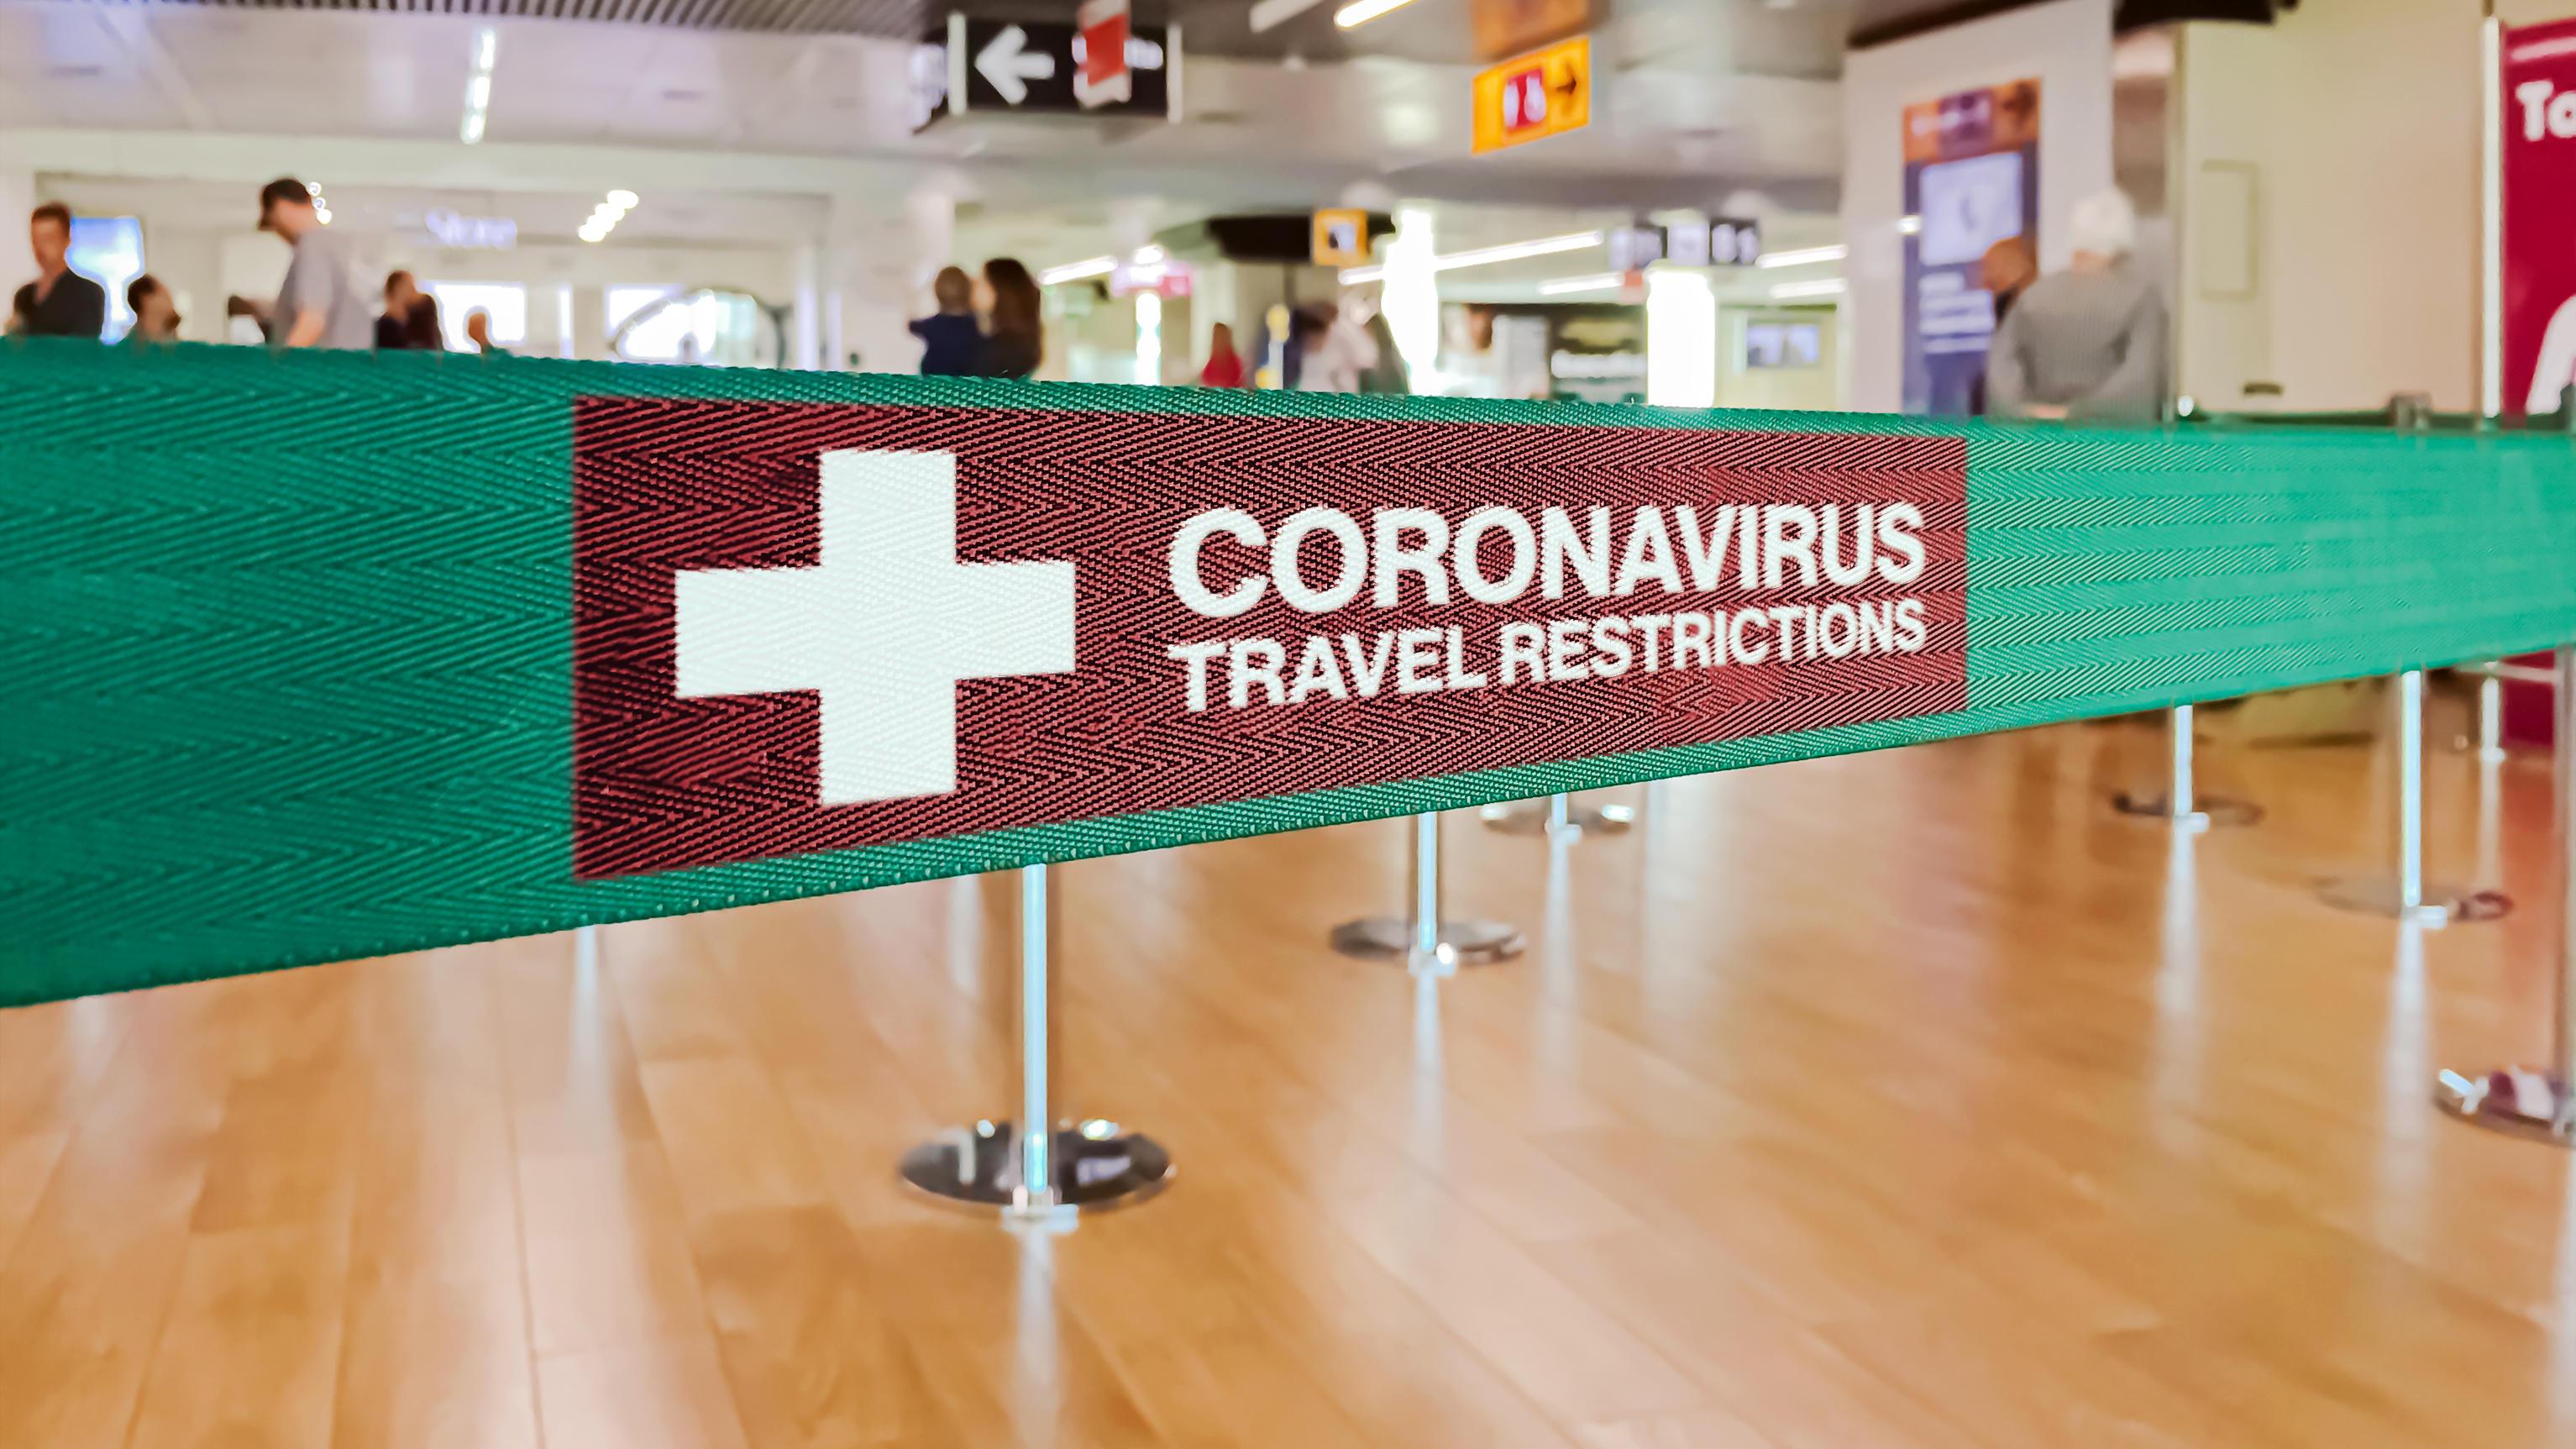 Reisebeschränkungen